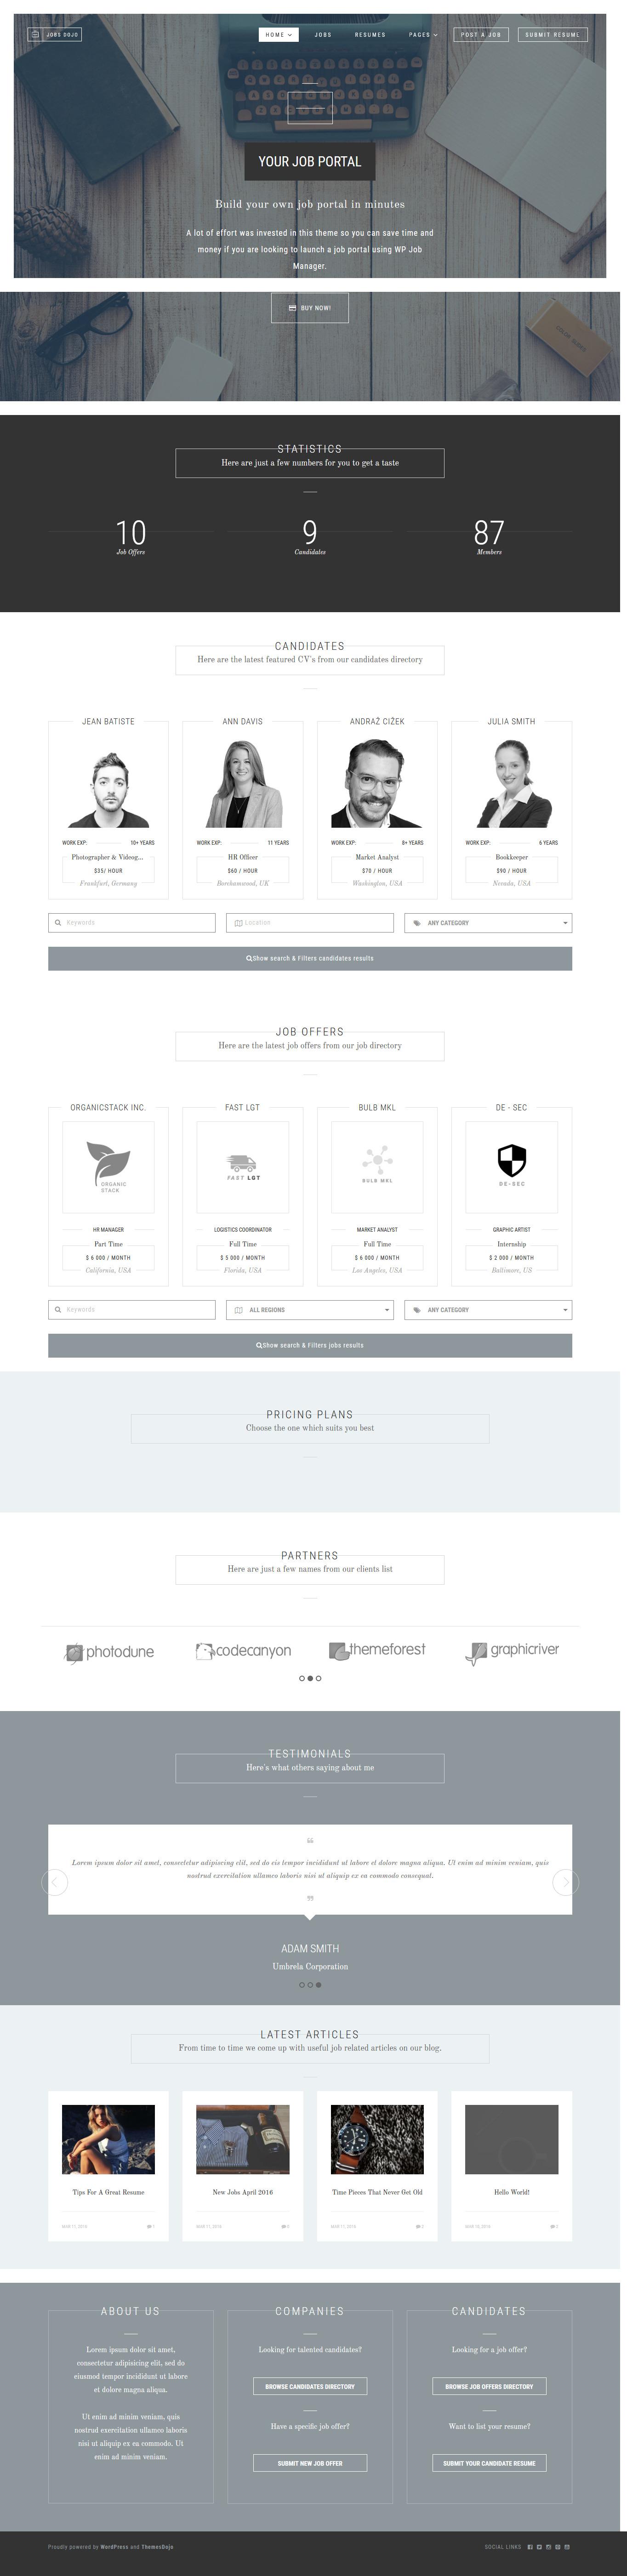 Temas de base de trabajos de WordPress Premium JobsDojo